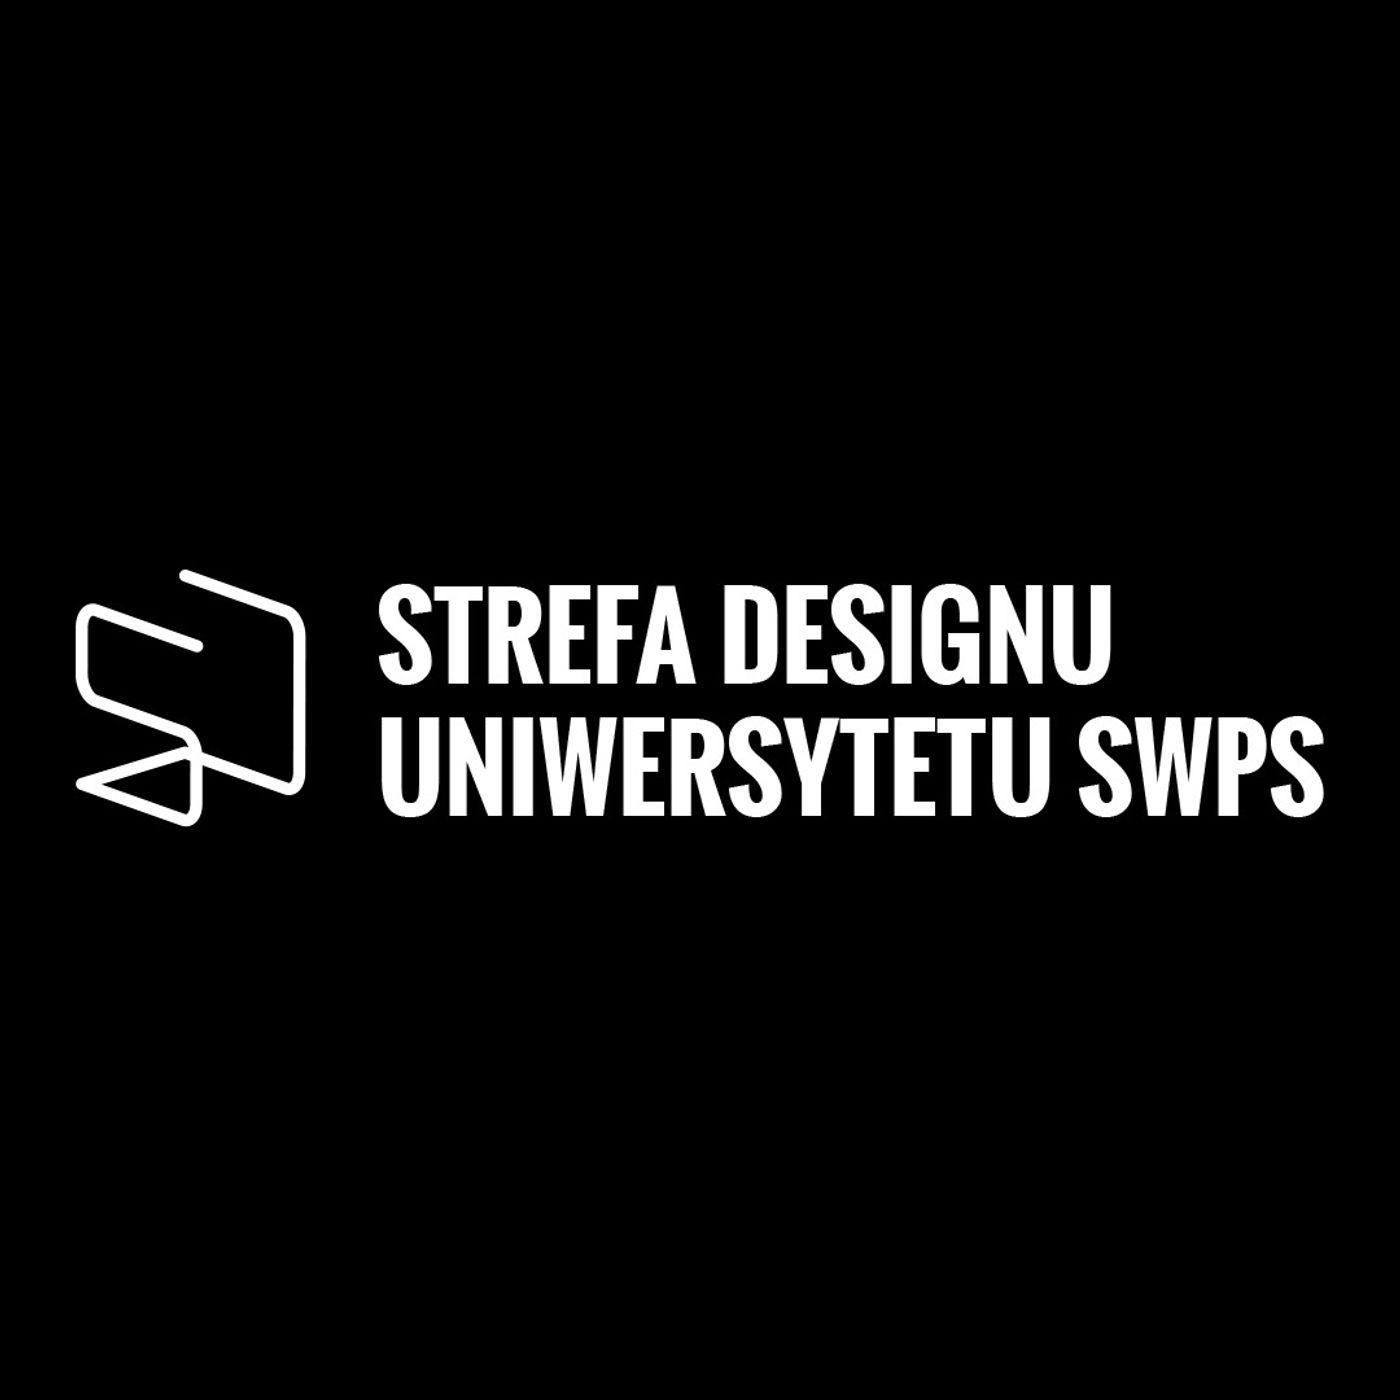 Prawo autorskie dla projektantów graficznych - Mateusz Tuński, Natalia Bienias (Zebza)